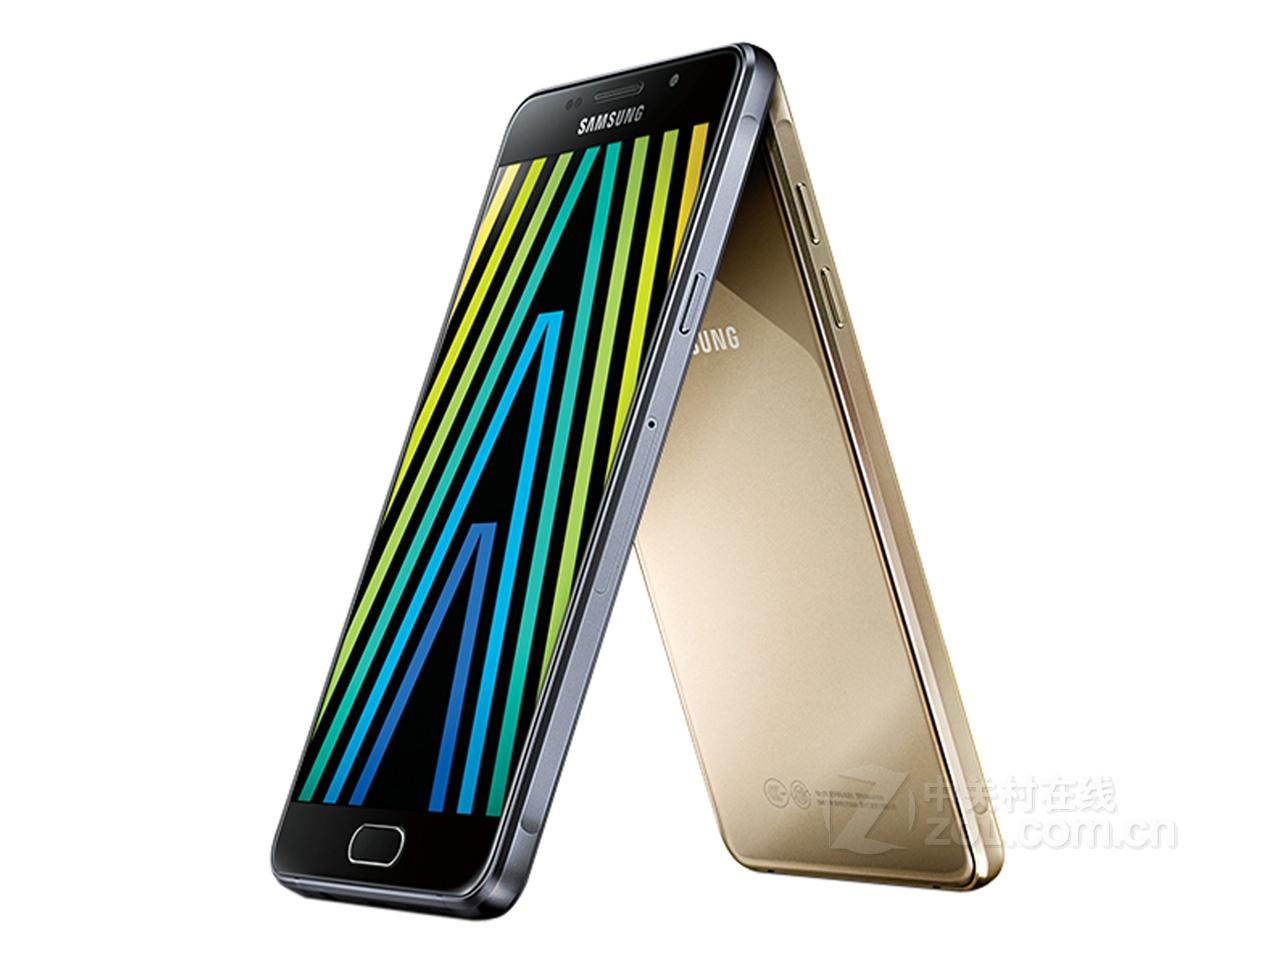 (中关村在线重庆行情)三星近日推出了全新2016版Galaxy A7(A7100),该机相较于前代在外观设计和内在都做出了极大的改变,采用了双面2.5D玻璃,正反两面均为第四代康宁大猩猩玻璃材质,坚固抗摔的同时还带来了圆润的手感,内在依旧是骁龙615处理器,但频率提高到1.6Hz,运存由2GB提高到3GB RAM。整机性能更加强悍,目前该机全新国行在经销商新奇数码处最新报价为2499元,喜欢的朋友不妨去了解一下。  三星A7100 三星2016版Galaxy A7(A7100)搭载了5.